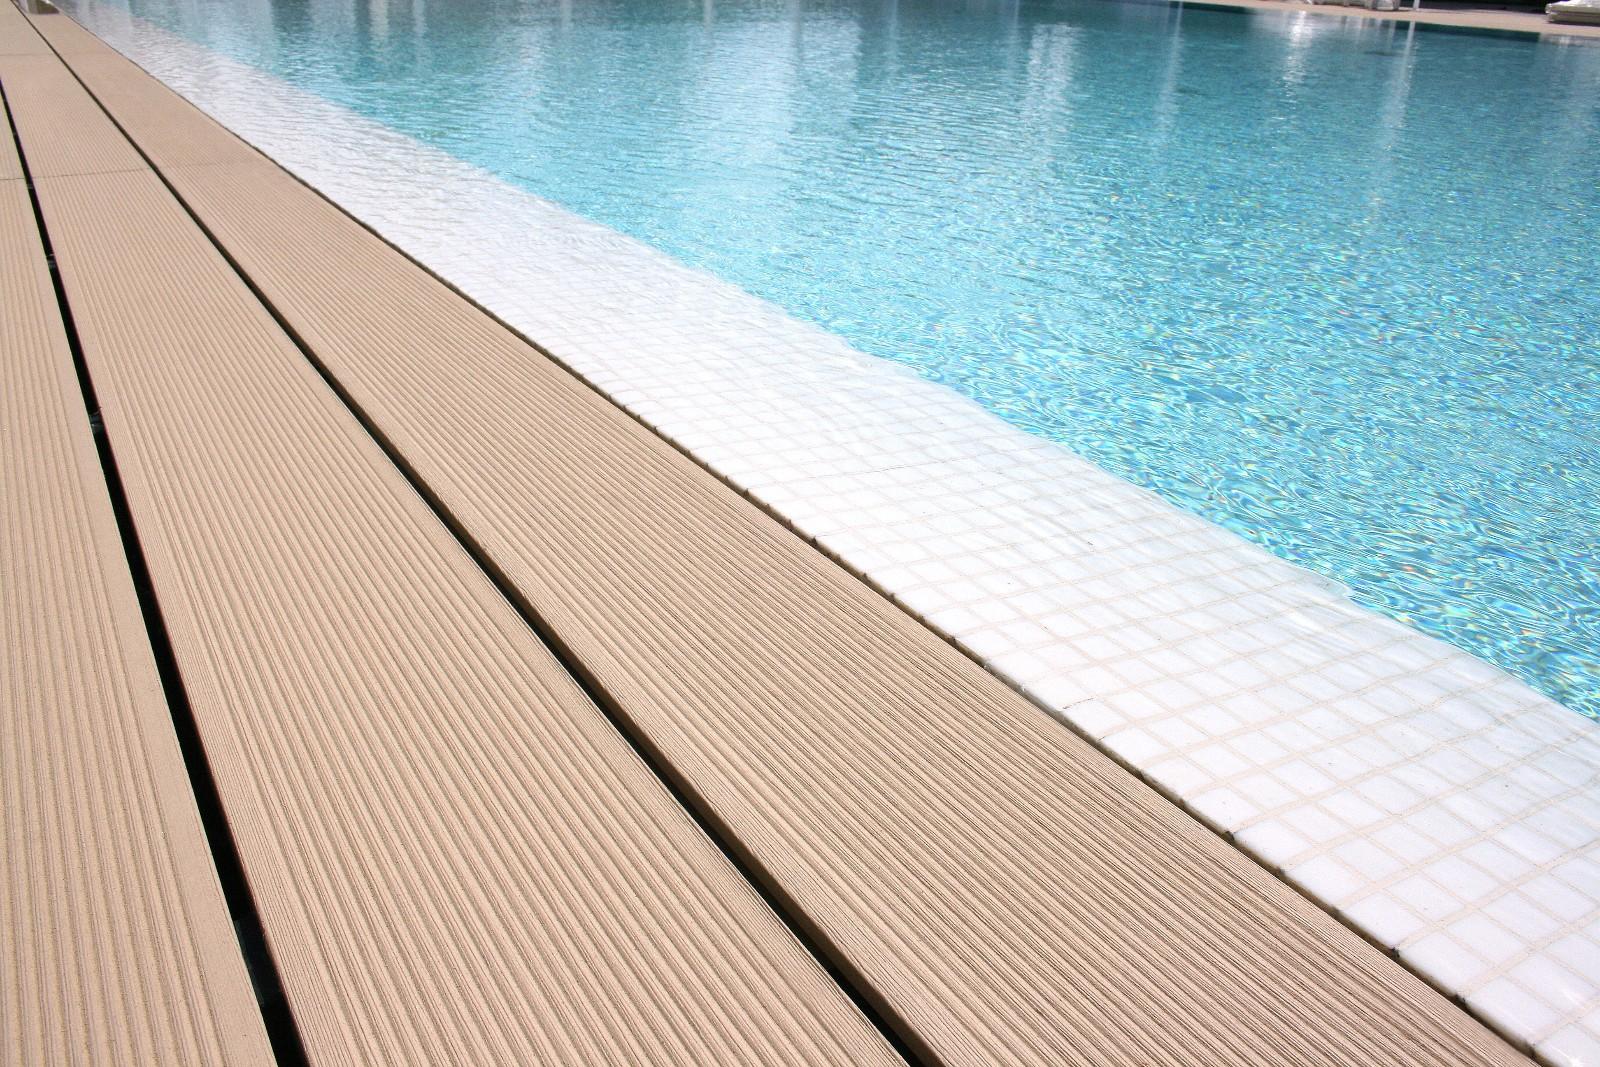 pavimenti per esterno in wpc piscina giardino shop. Black Bedroom Furniture Sets. Home Design Ideas